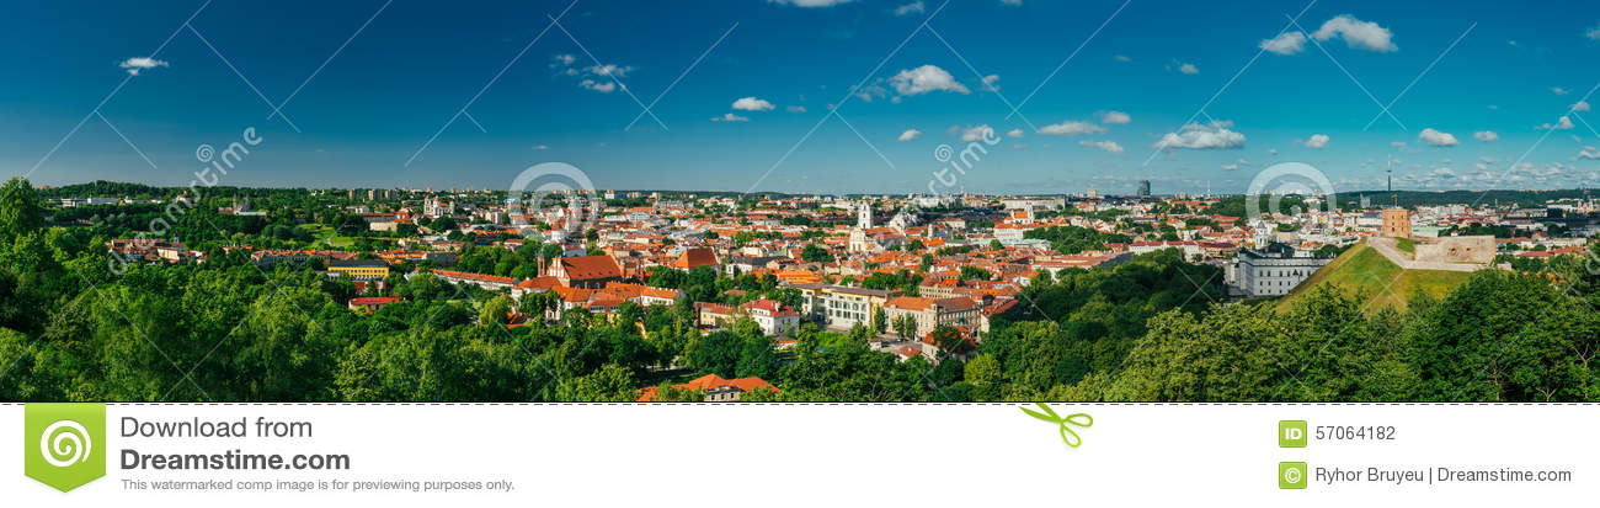 Cityscape van de zonsondergangzonsopgang van Vilnius, Litouwen binnen